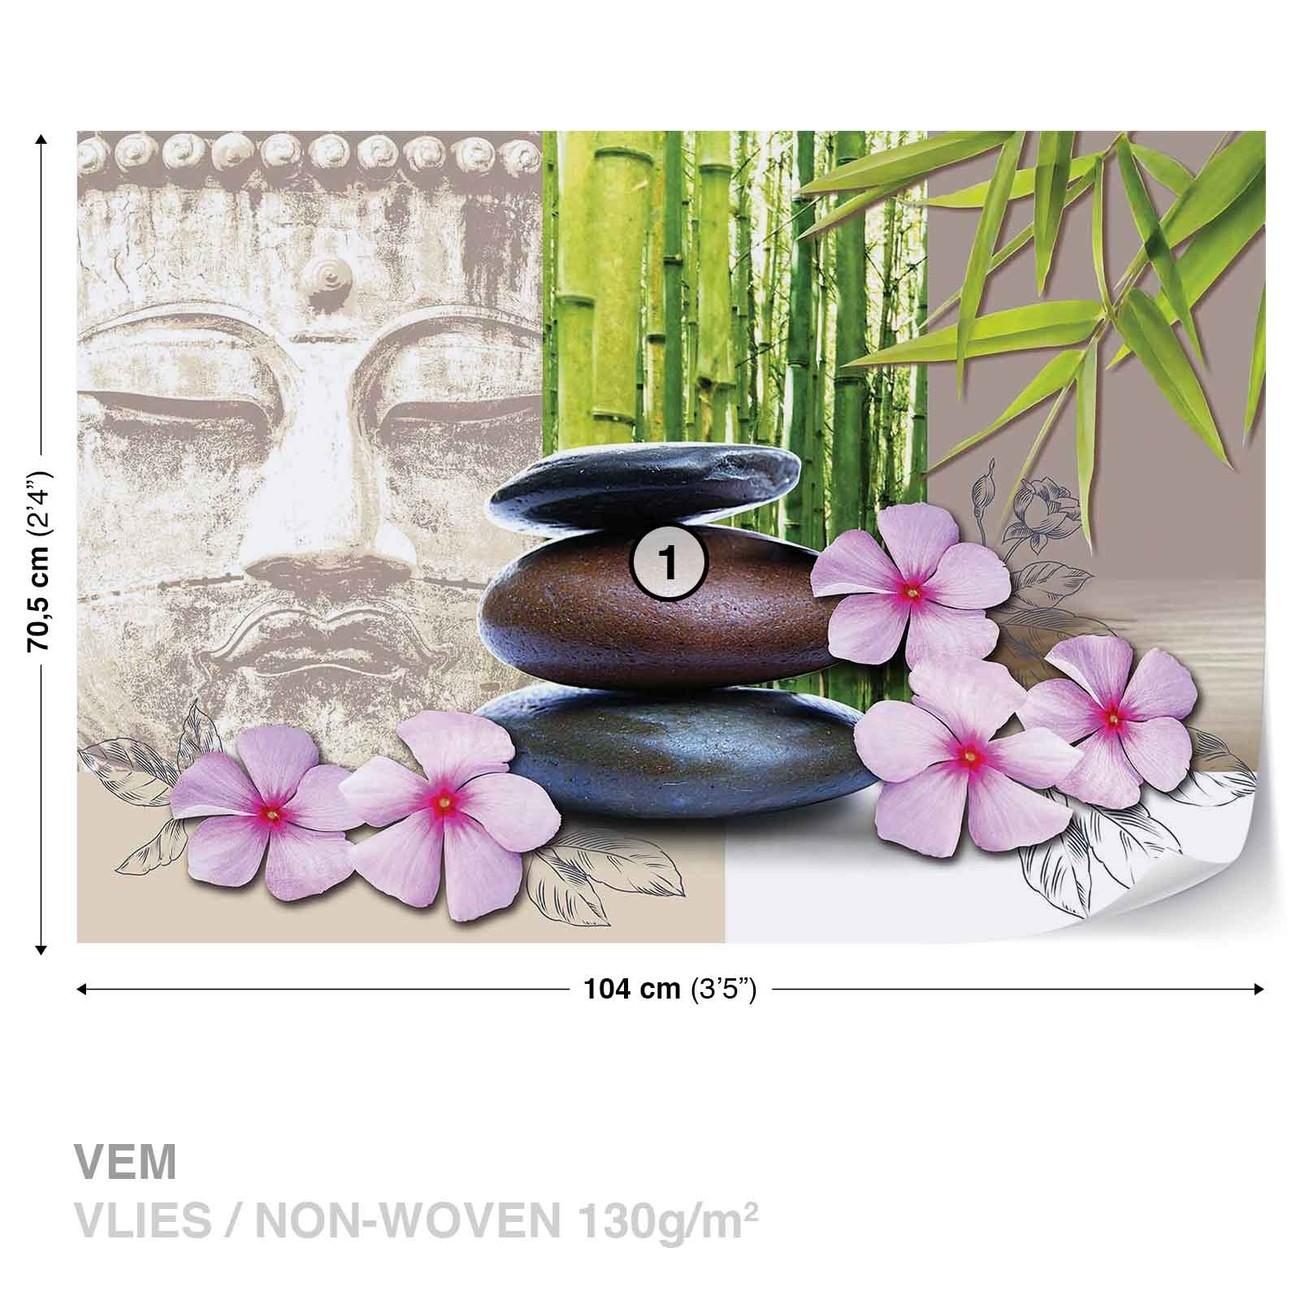 Fleurs Aux Pierres Zen Poster Mural Papier Peint